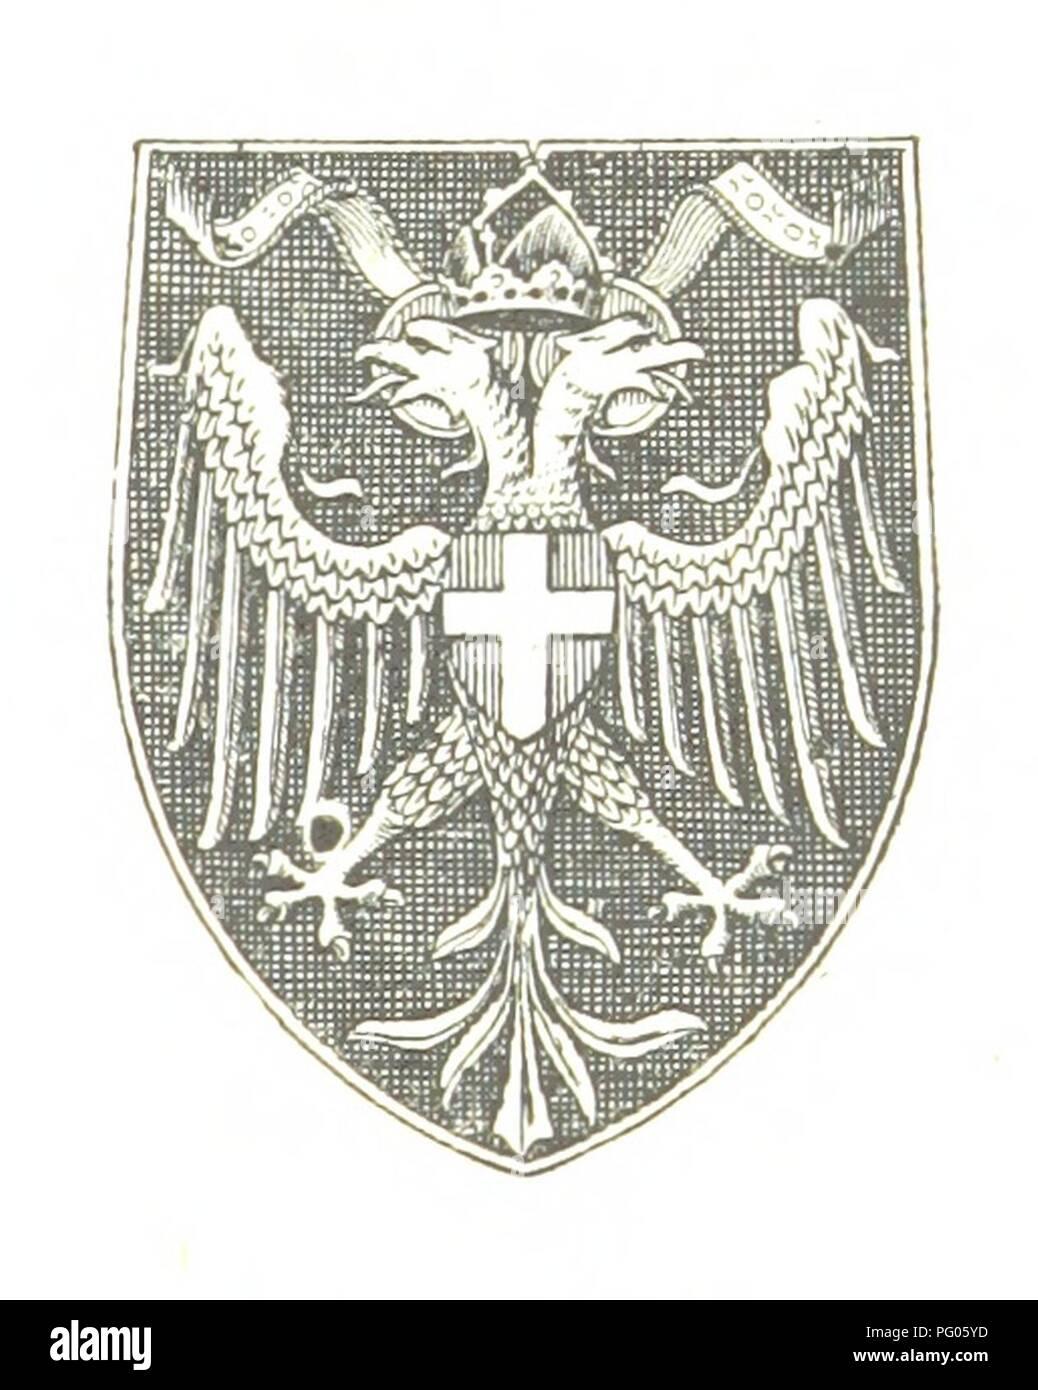 Image  from page 5 of 'Die Gemeinde-Verwaltung der Reichshaupt und Residenzstadt Wien in den Jahren 1871 bis 1873 (1874-82). Bericht des Bürgermeisters Dr. C. Felder, etc. (Verwaltungsbericht der Reichshaupt- und Reside0091. - Stock Image